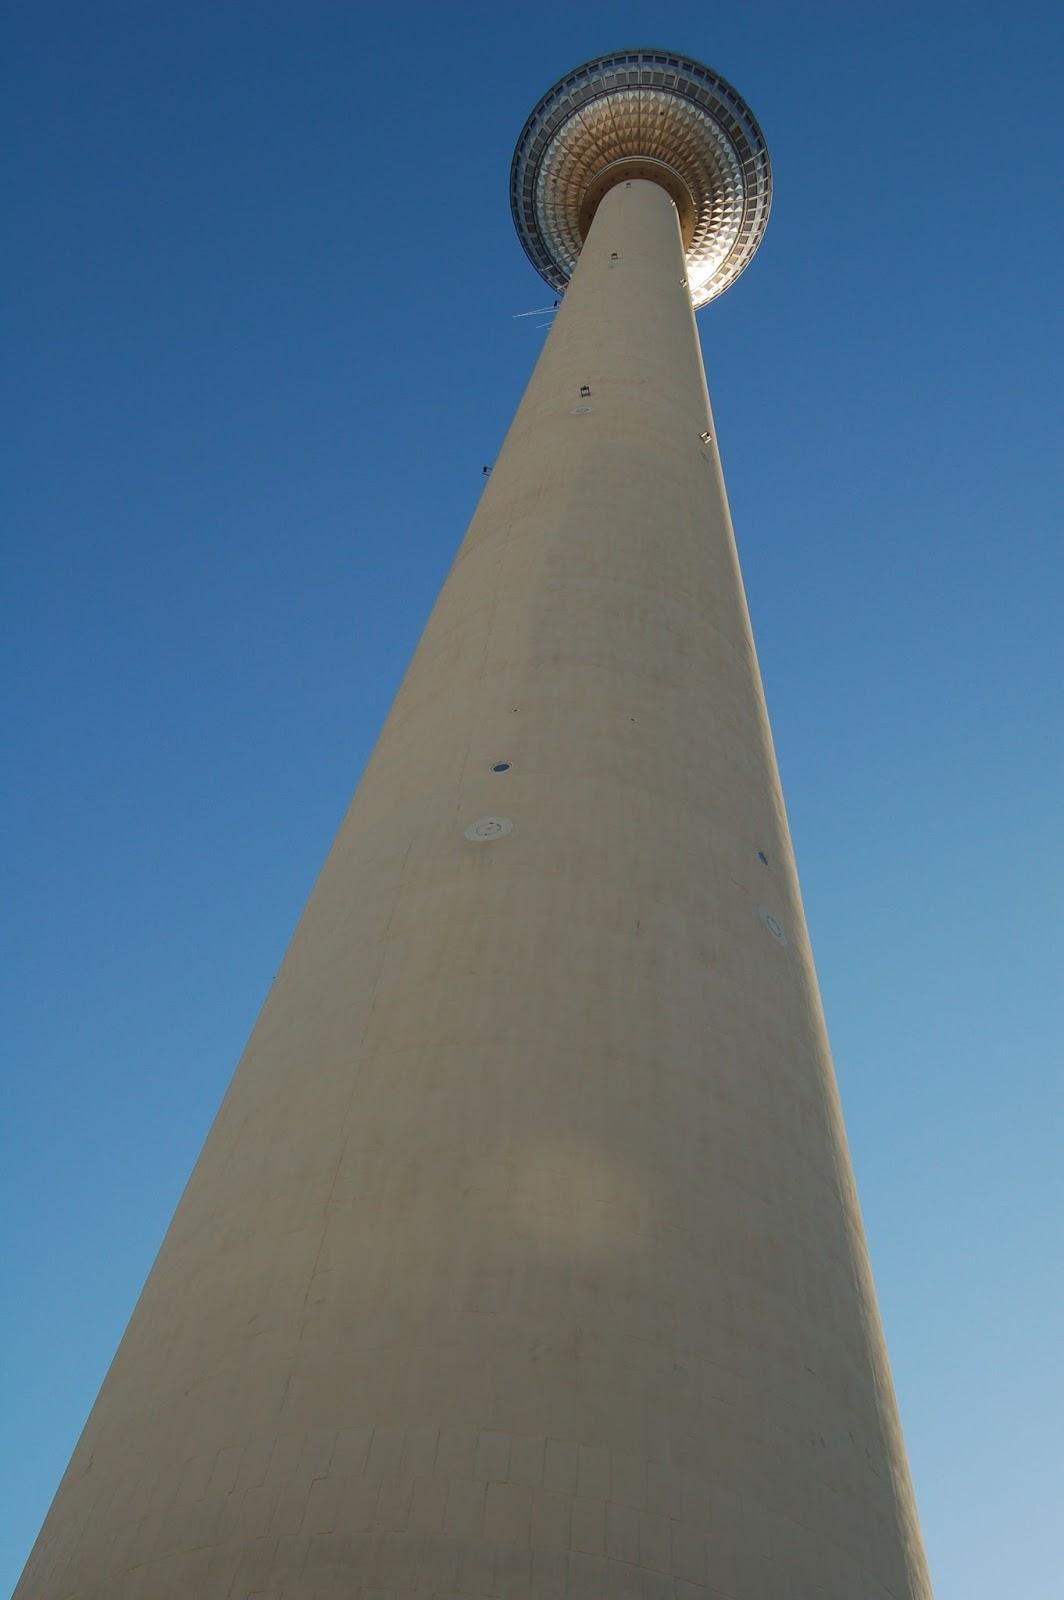 alexanderplatz, Berlin, wieża telewizyjna